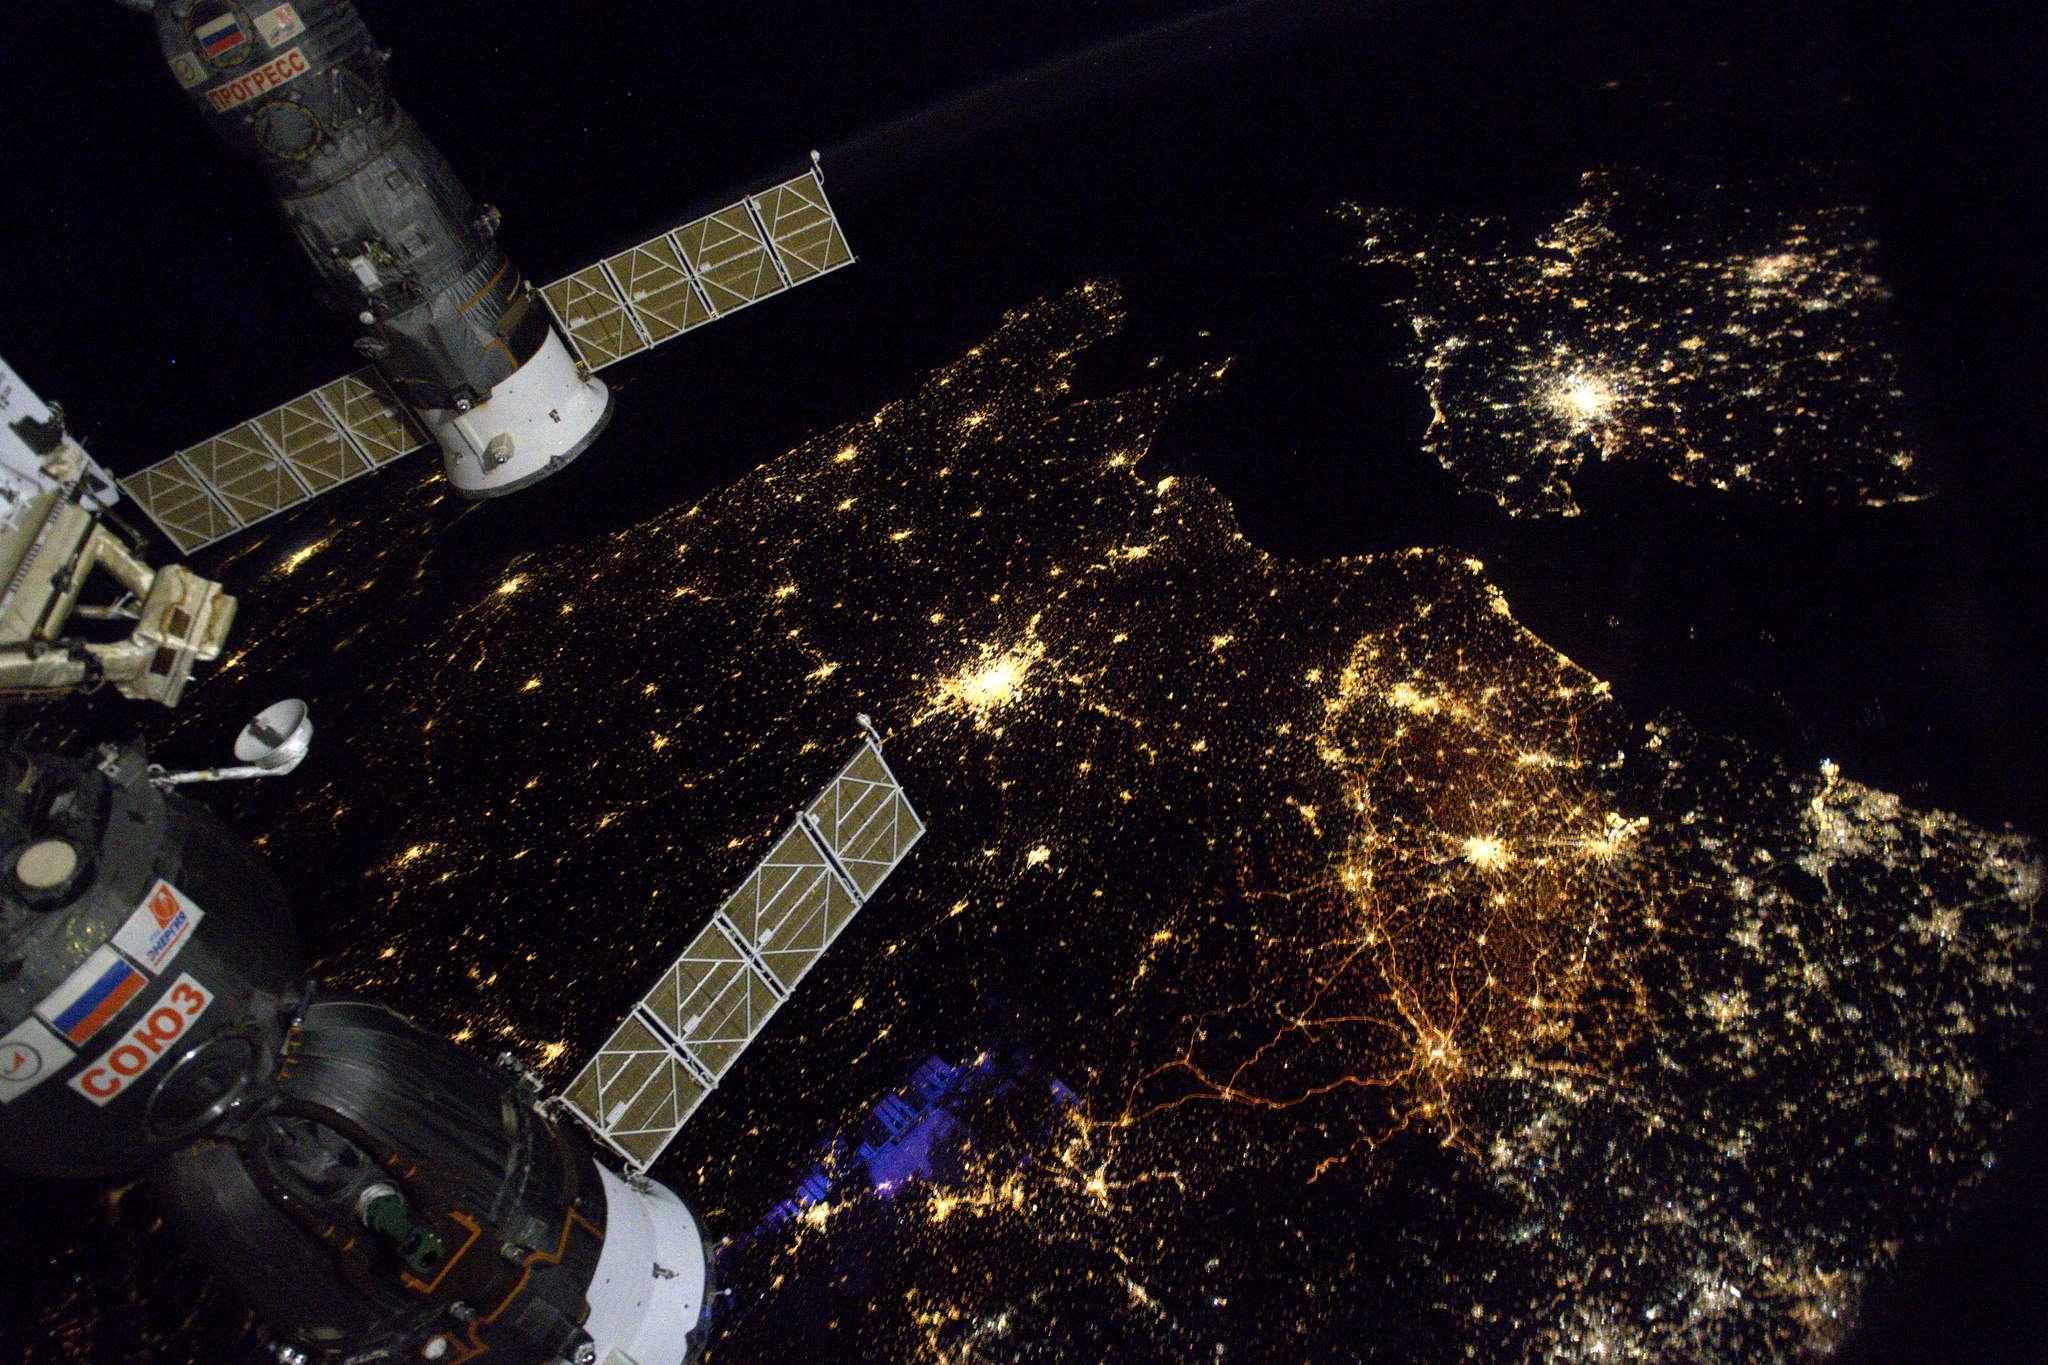 Le nord de la France se dessine même de l'espace : on y distingue Paris, tache brillante au centre de la photo, la métropole européenne de Lille (MEL) à droite, qui laisse apparaître son tissu urbain continu, et la Belgique.